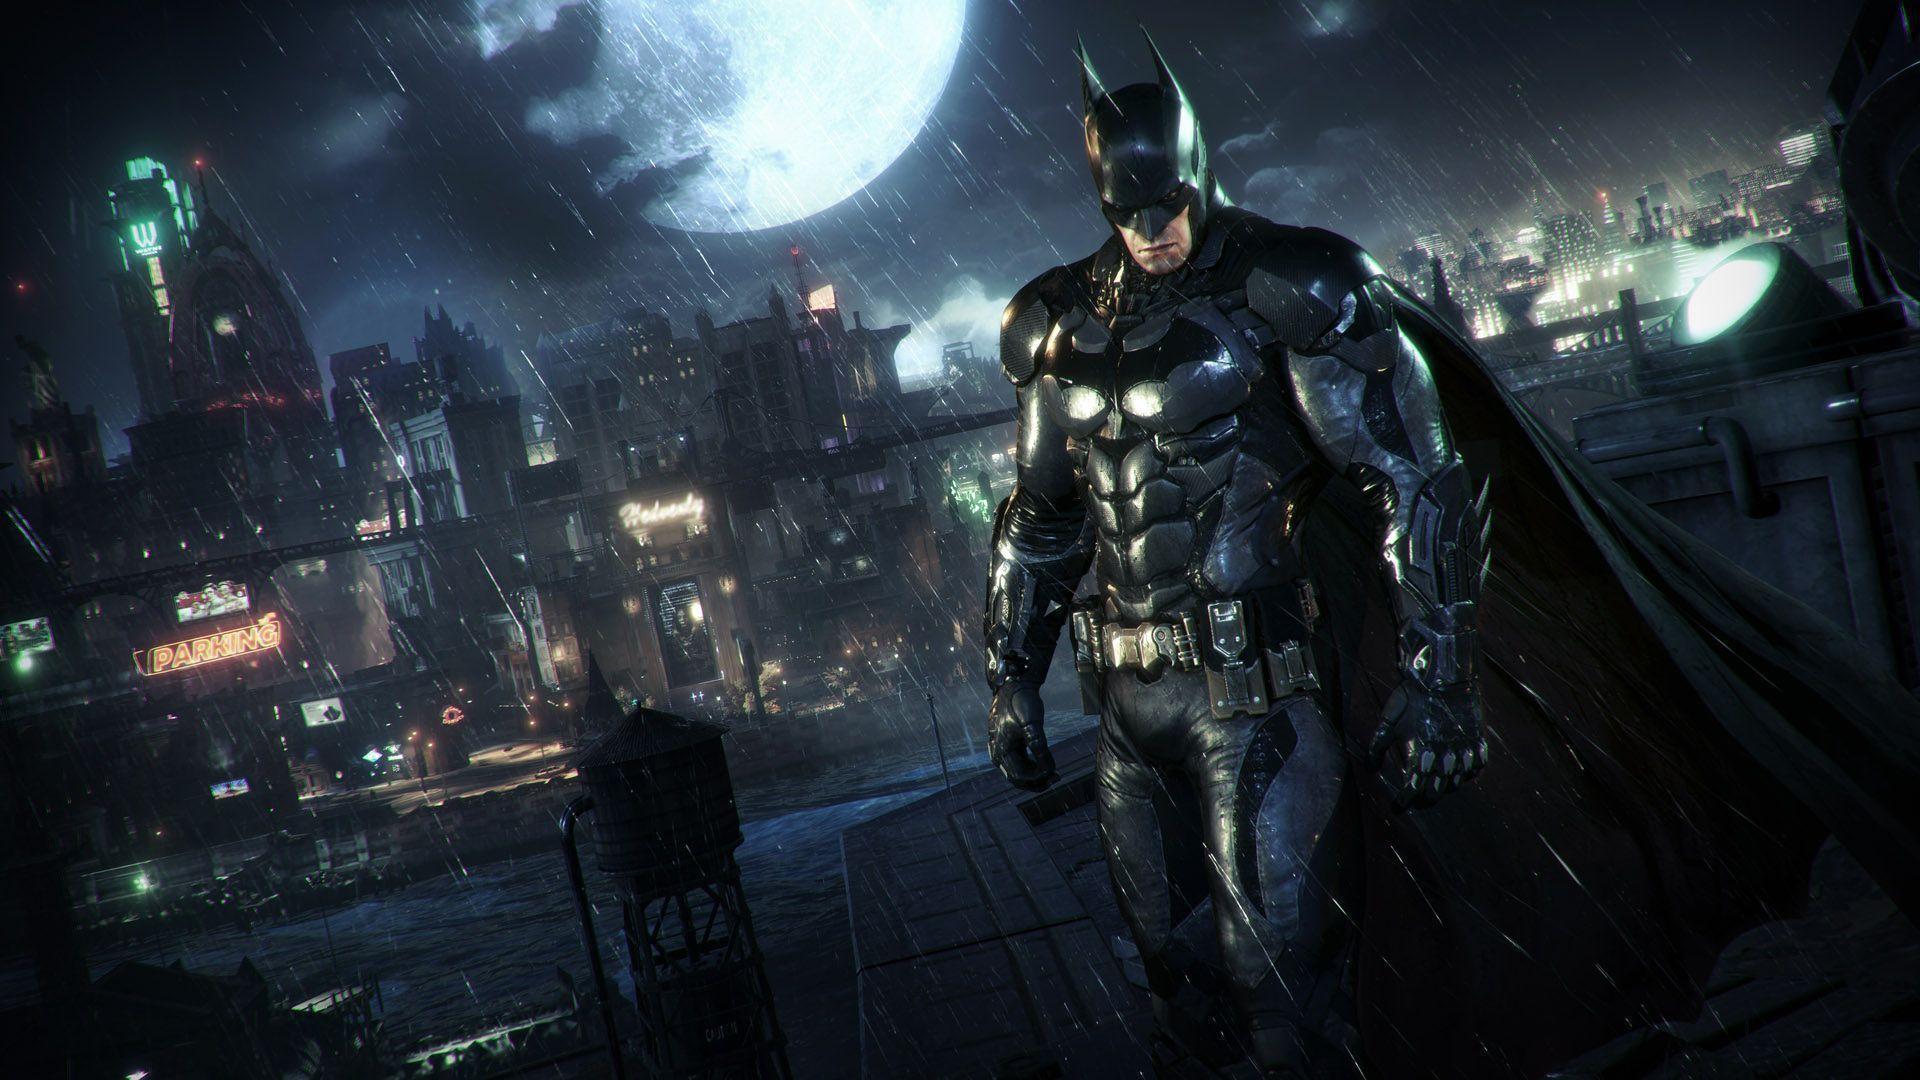 De más a menos, y de menos a más: la narrativa de la saga Batman: Arkham